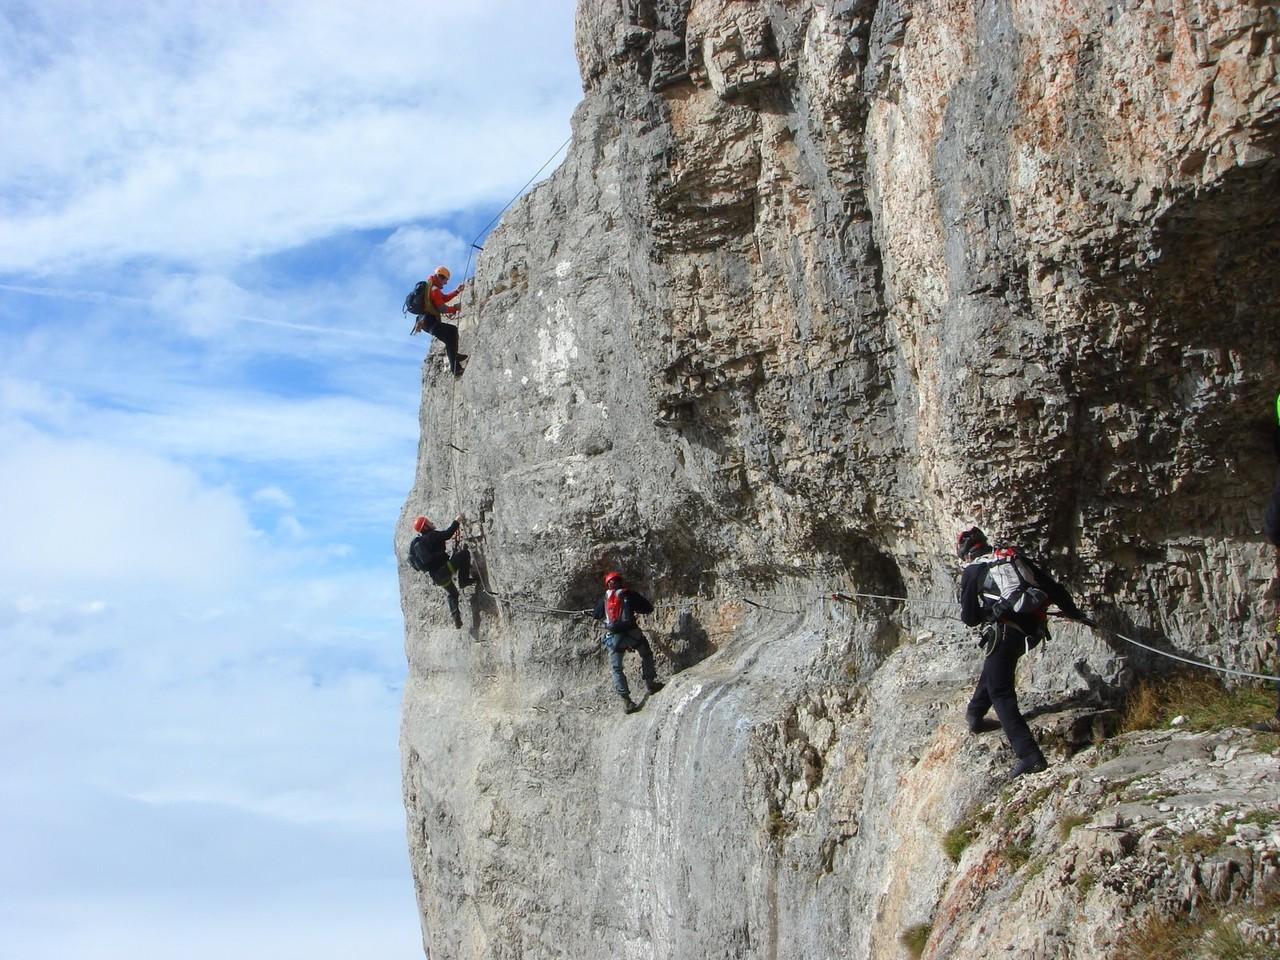 Klettersteig Johann Dachstein : Austria dachstein der johann u long klettersteig along steep